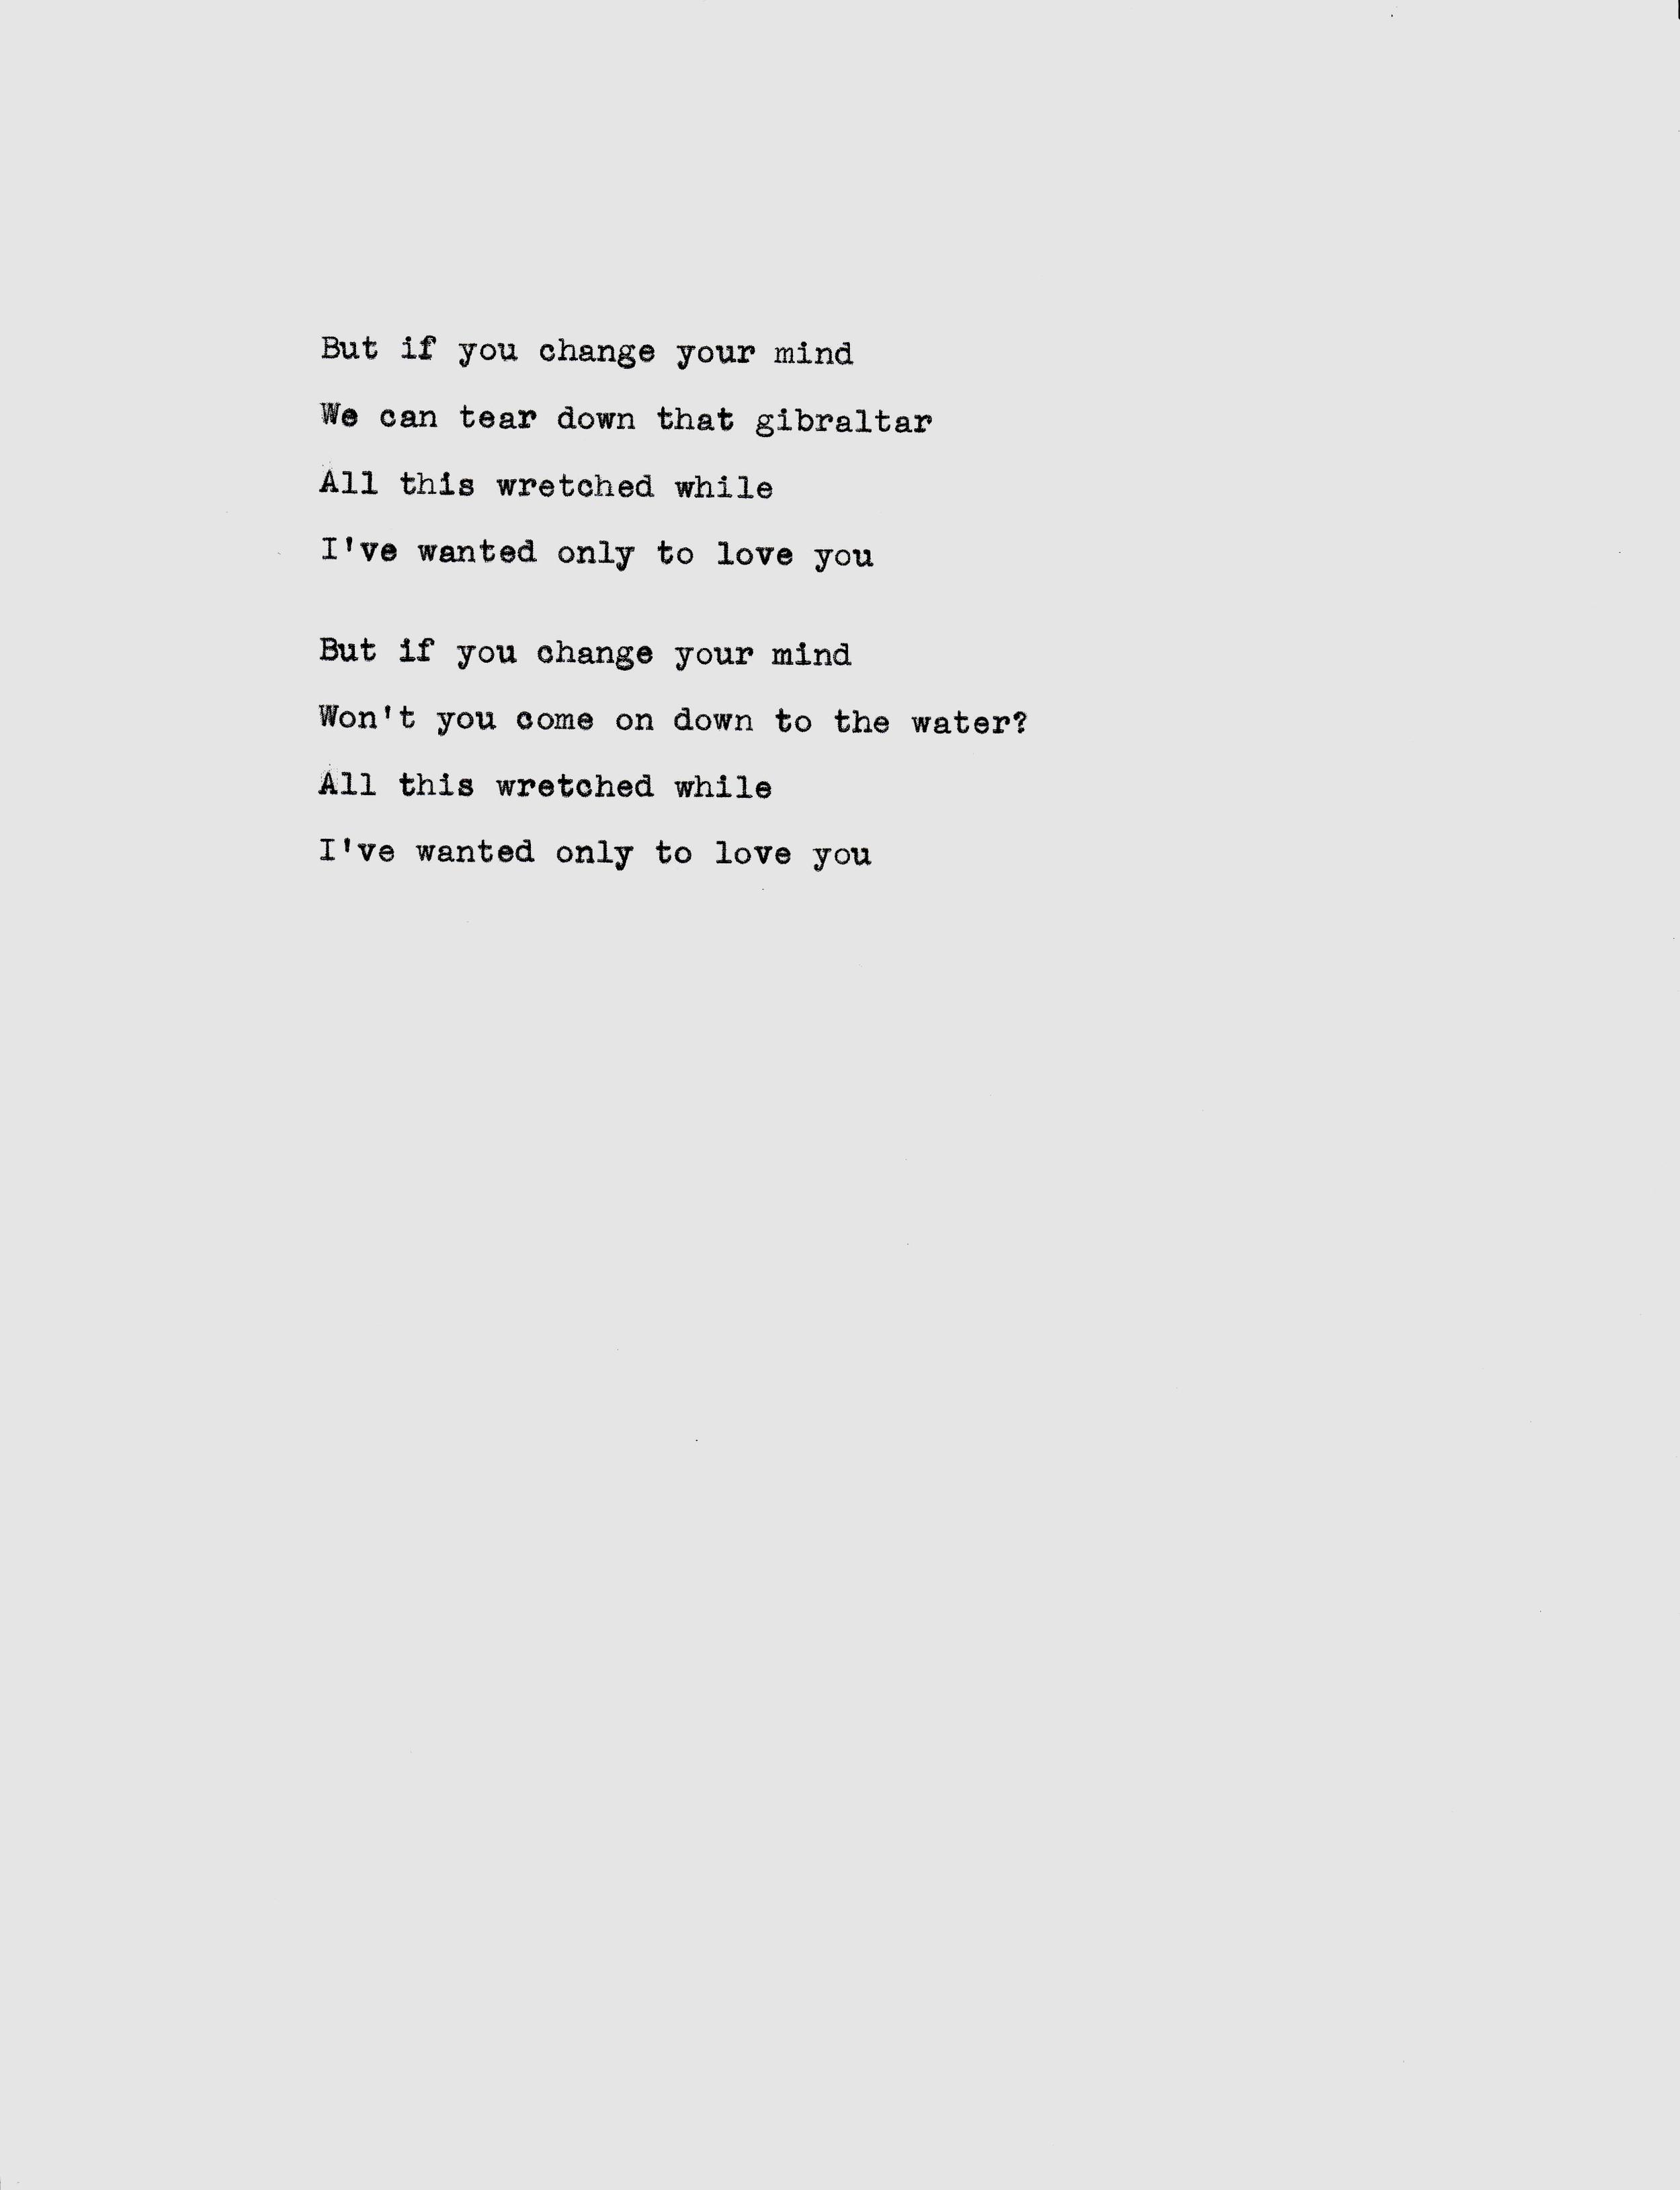 like a fallen rose (2)